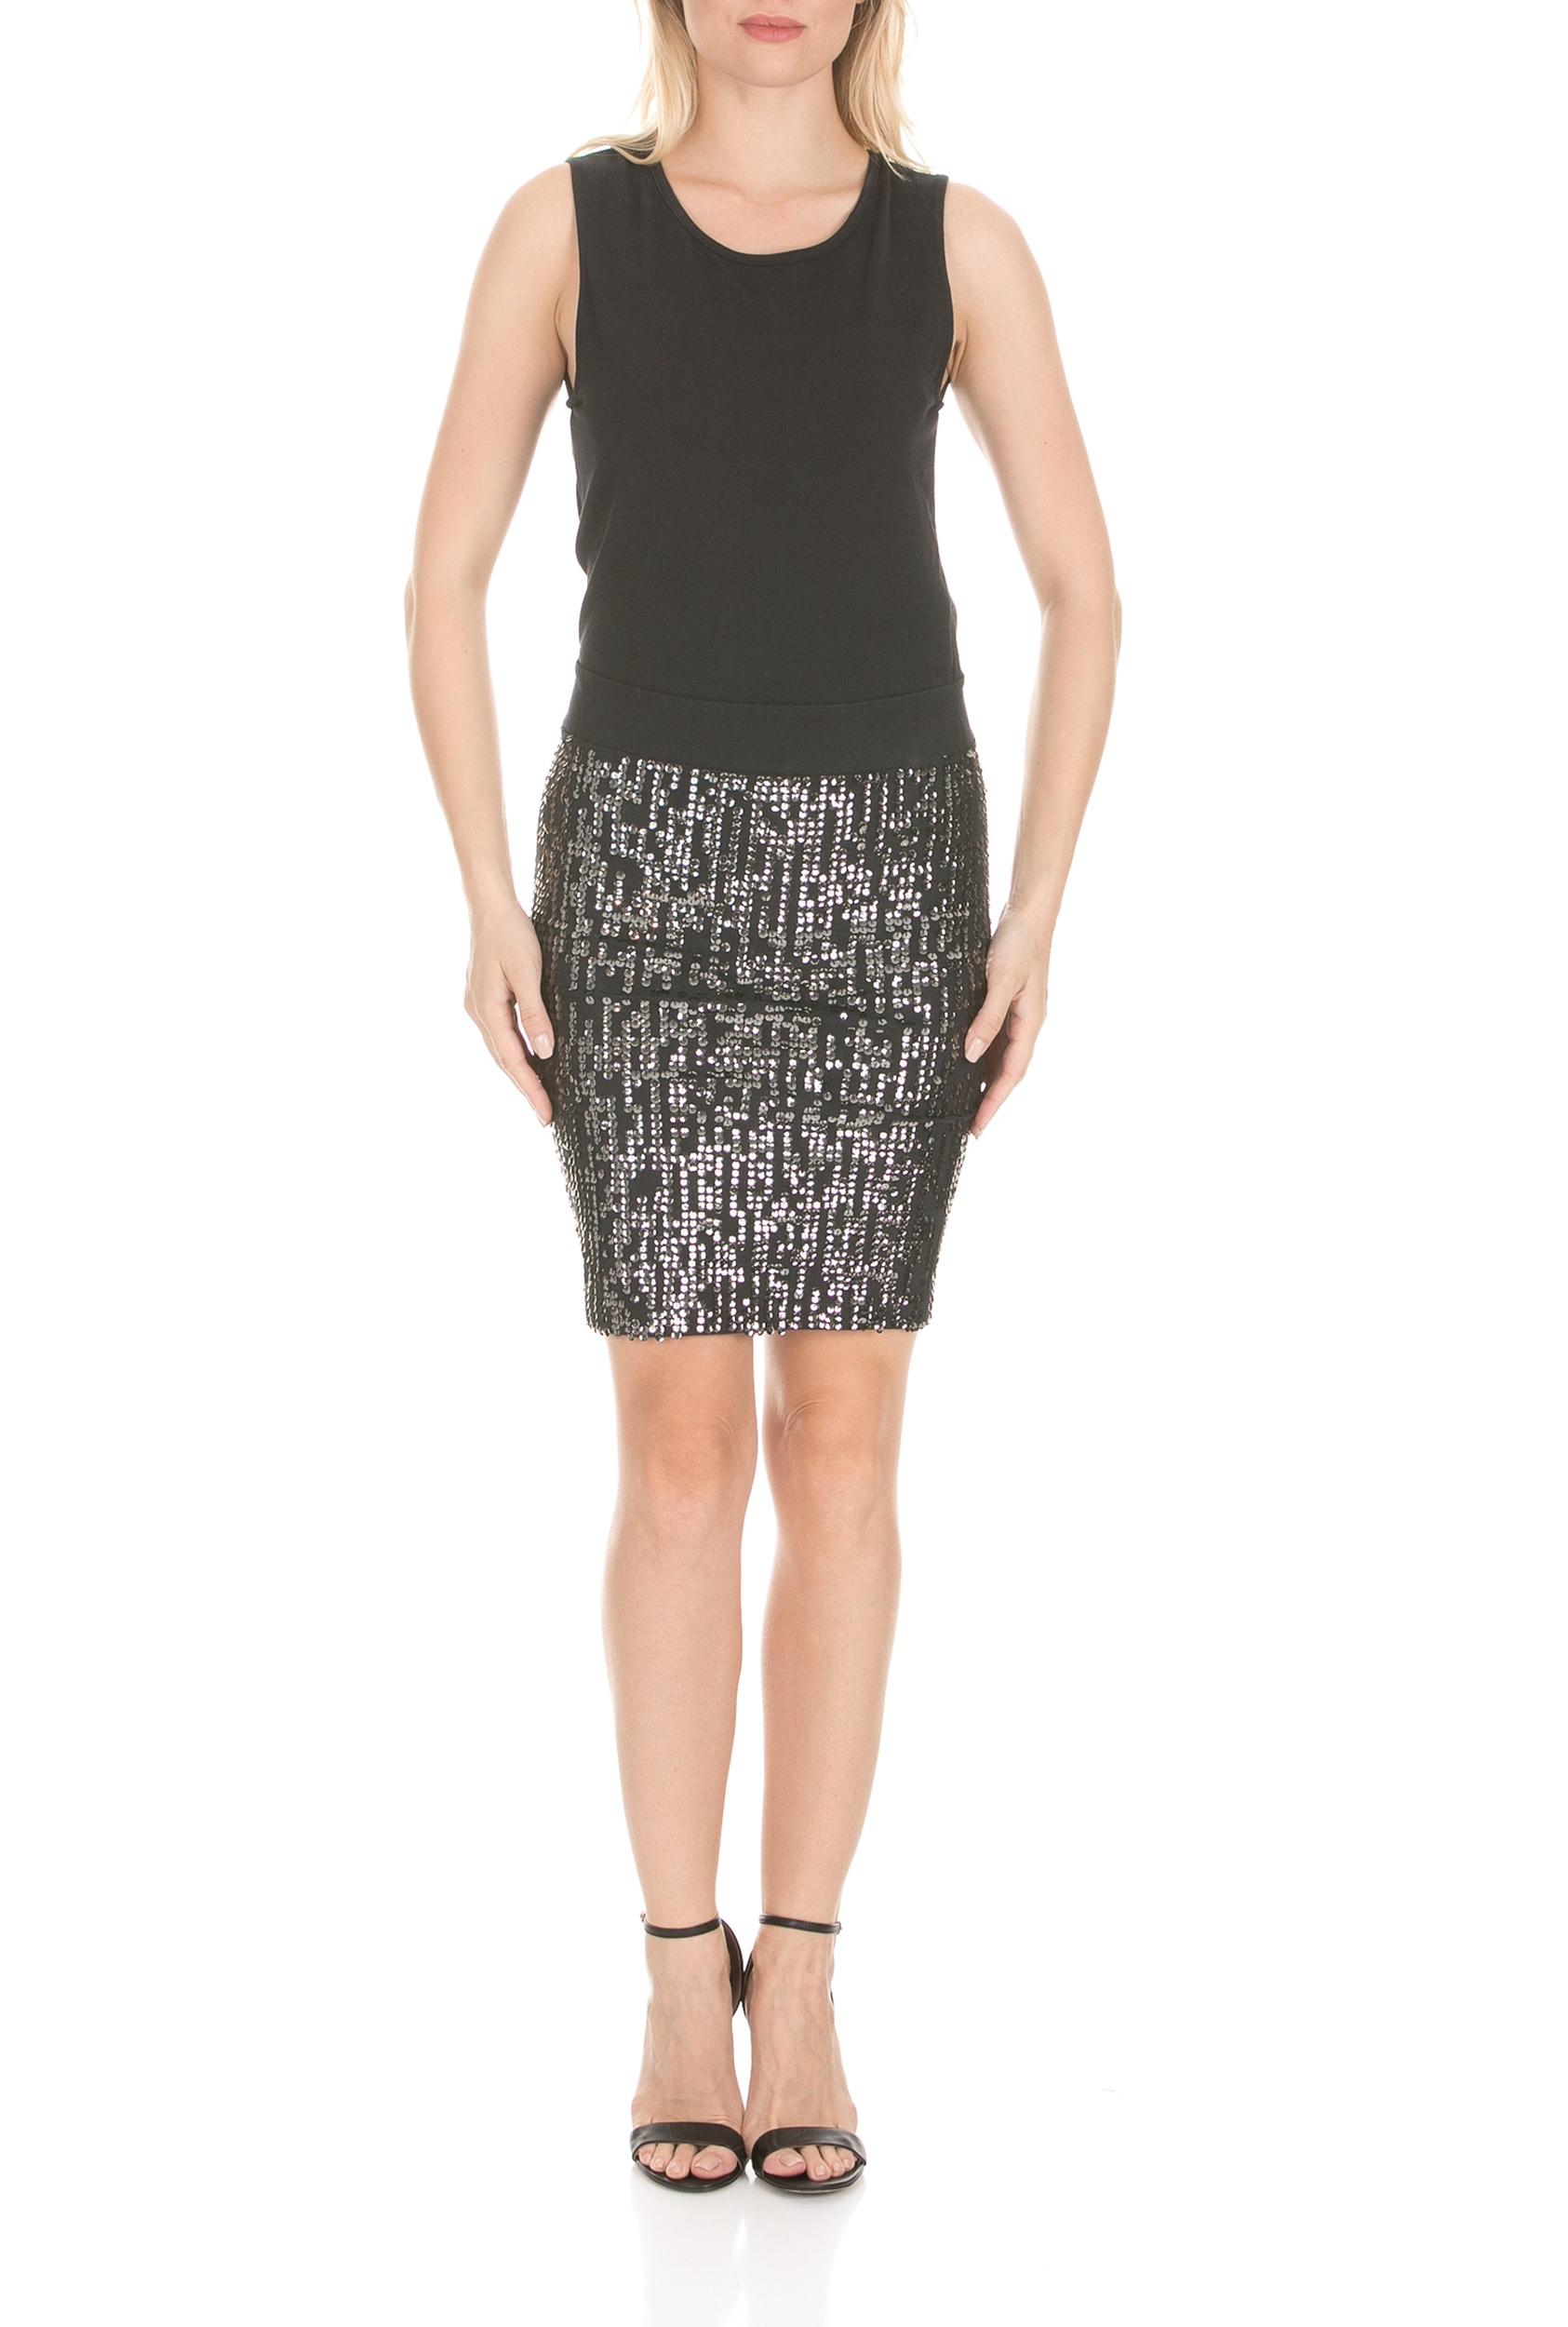 RELIGION - Γυναικείο μίνι φόρεμα RELIGION ASTRO μαύρο